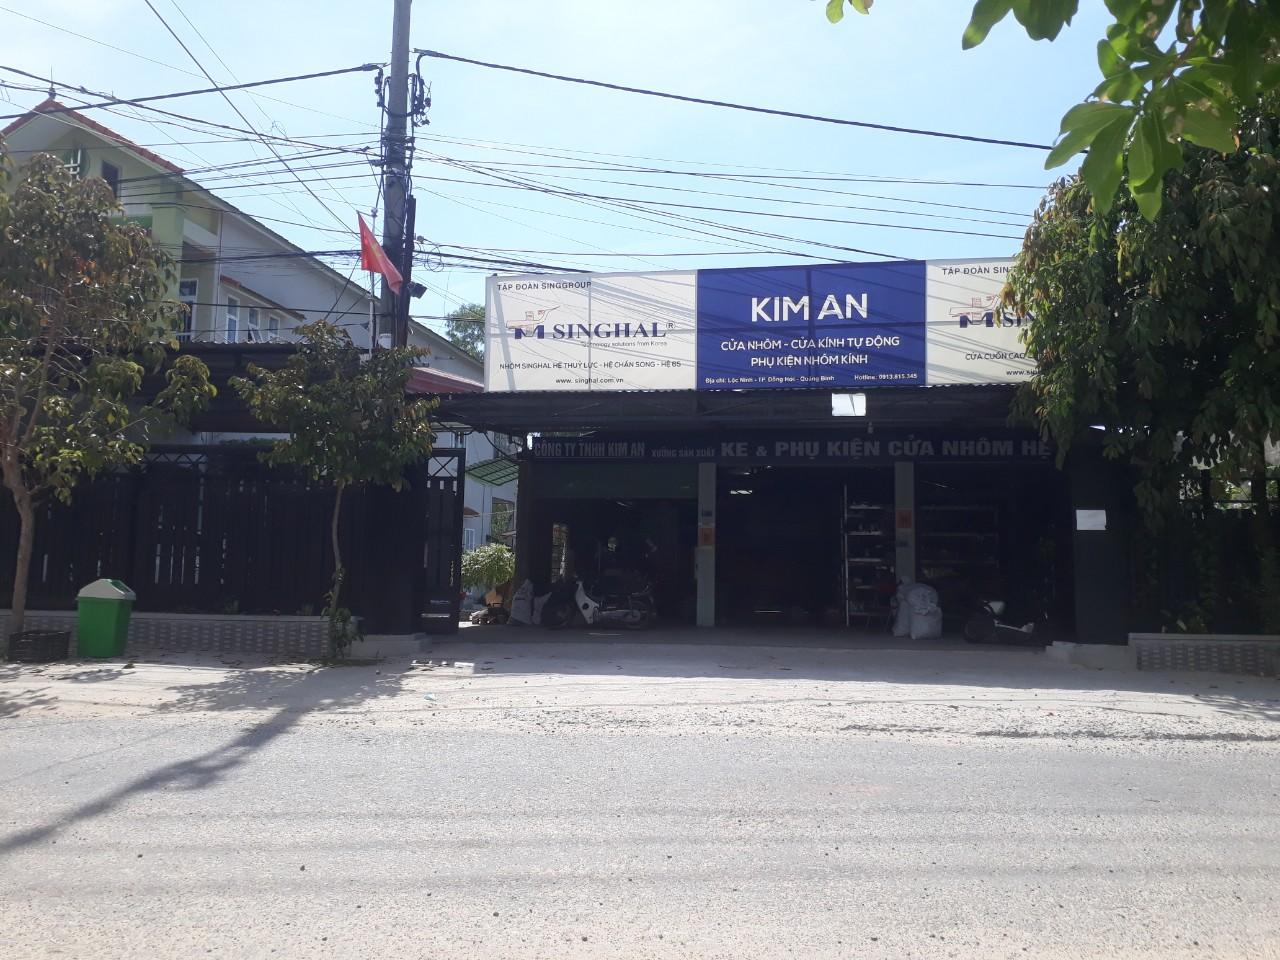 NPP KIM AN - SINGHAL QUẢNG BÌNH